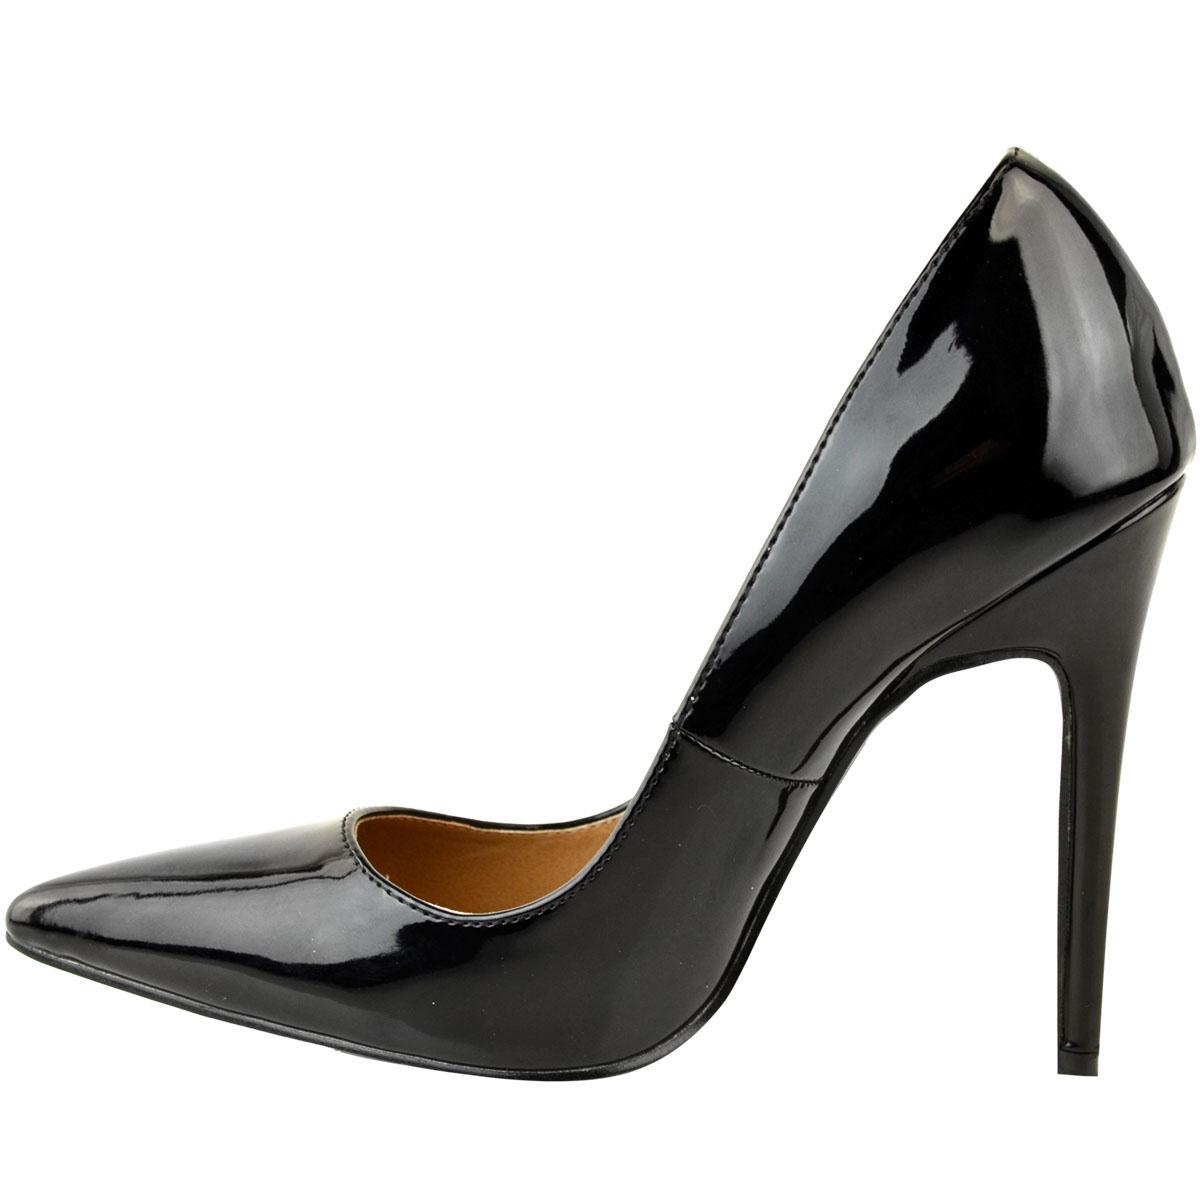 Femme Femmes Stilettos Talons Hauts Sandales Cour Bout Pointu Fête Chaussures Taille UK